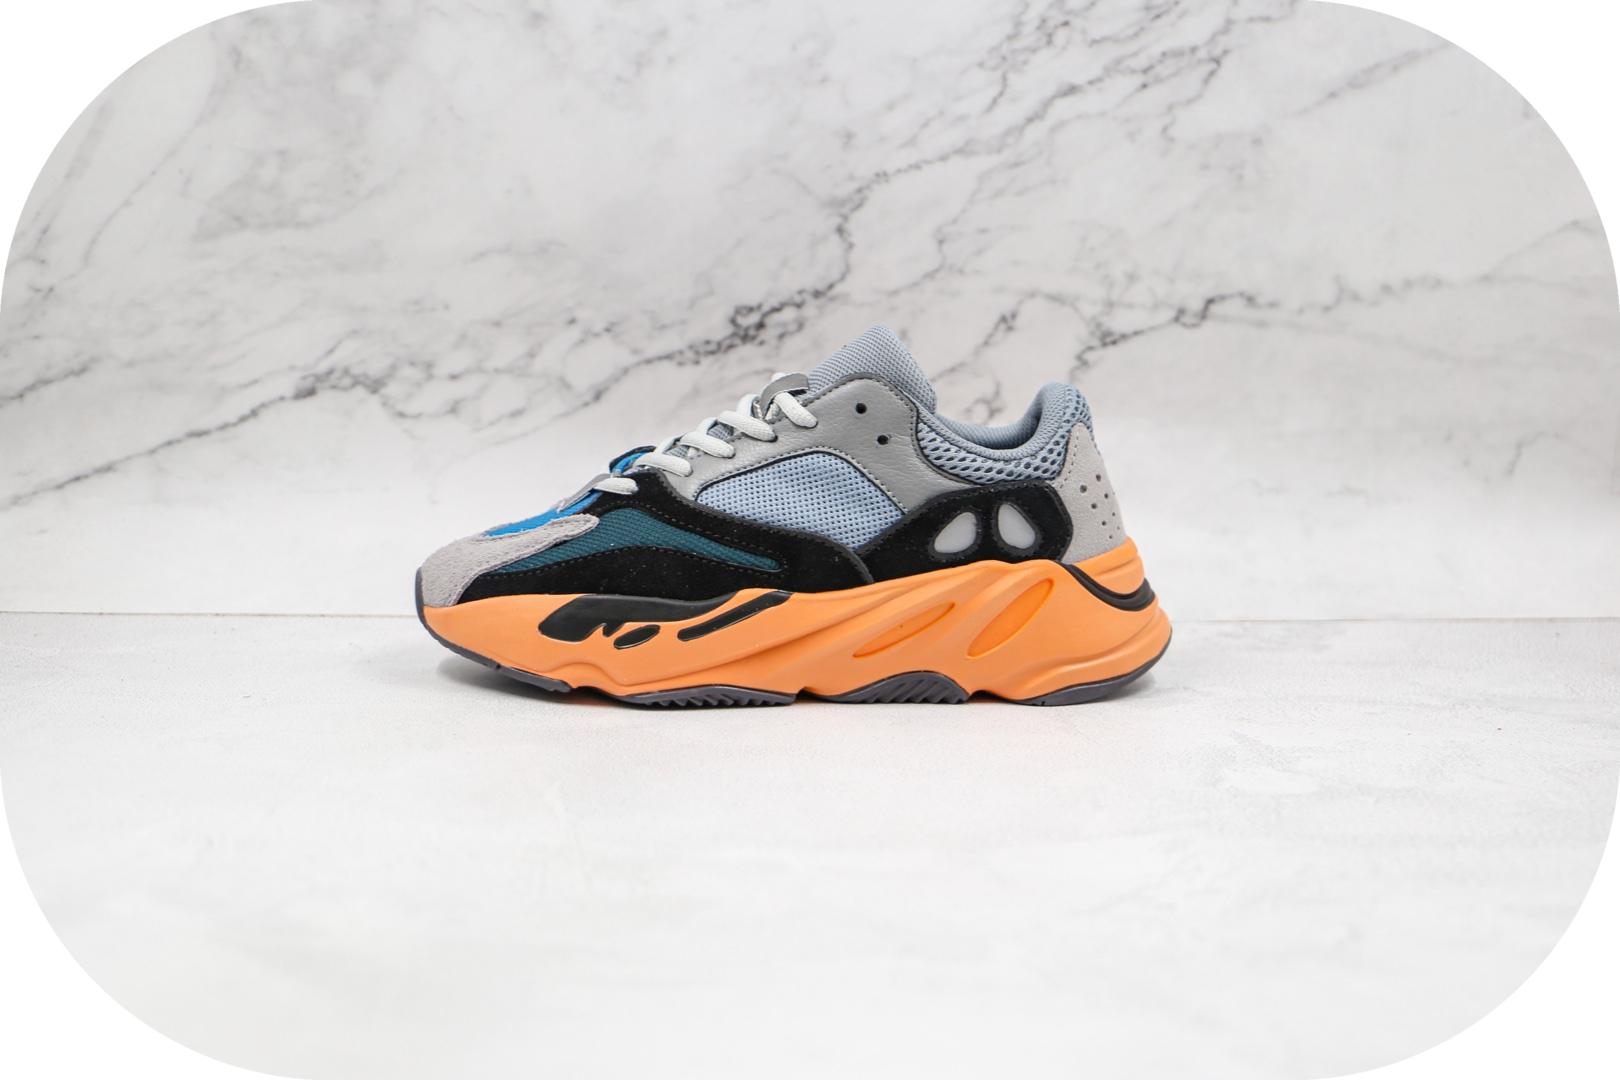 阿迪达斯Adidas Yeezy Boost 700纯原版本椰子700黑橙色爆米花老爹鞋原楦头纸板打造 货号:GW0296